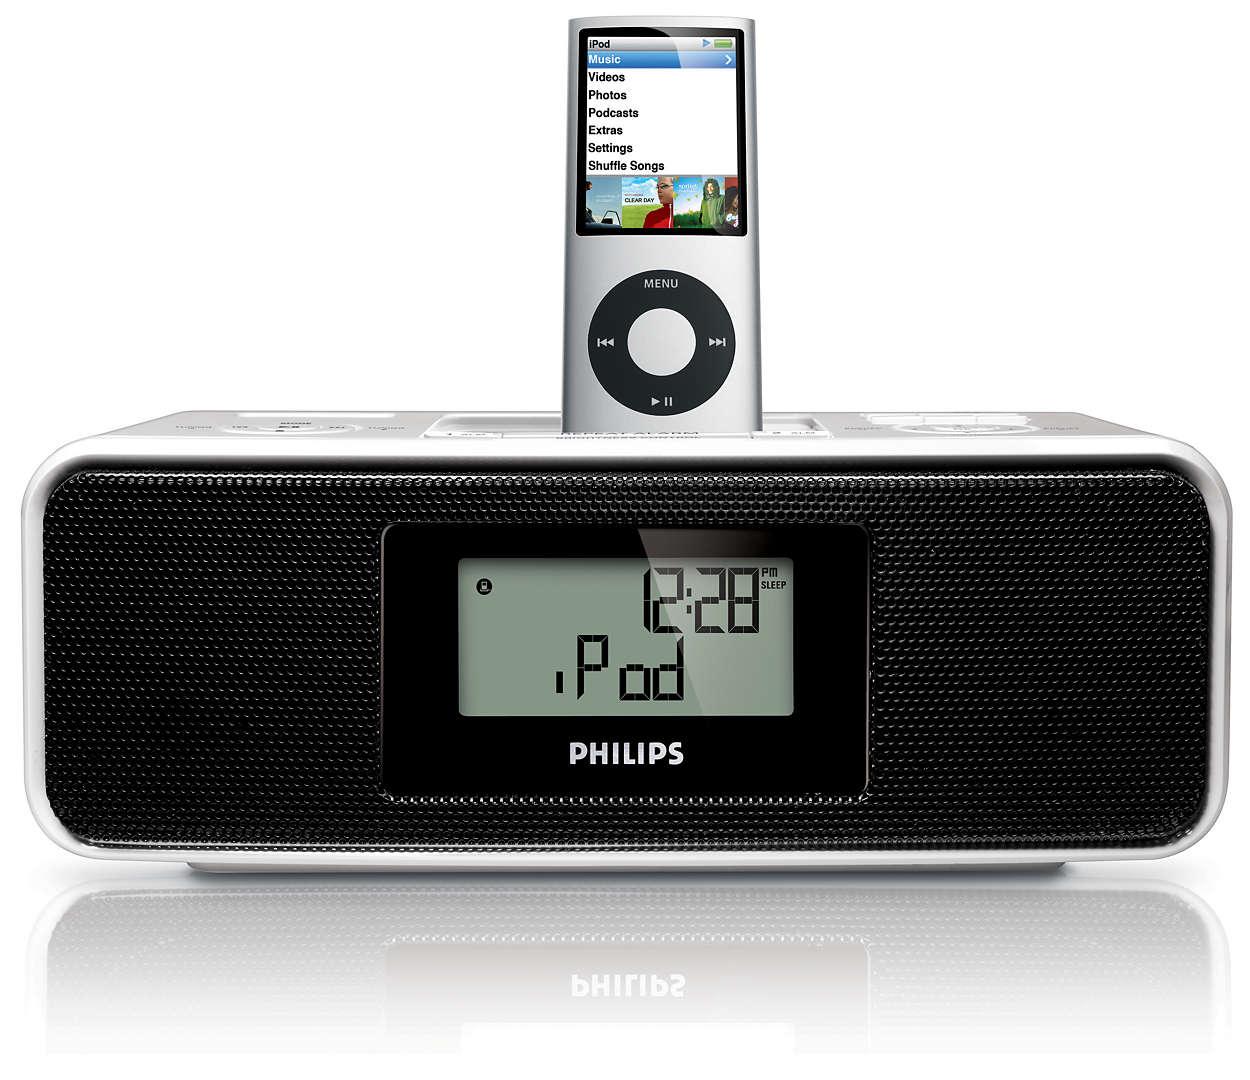 Treziţi-vă în acordurile muzicii de pe iPod